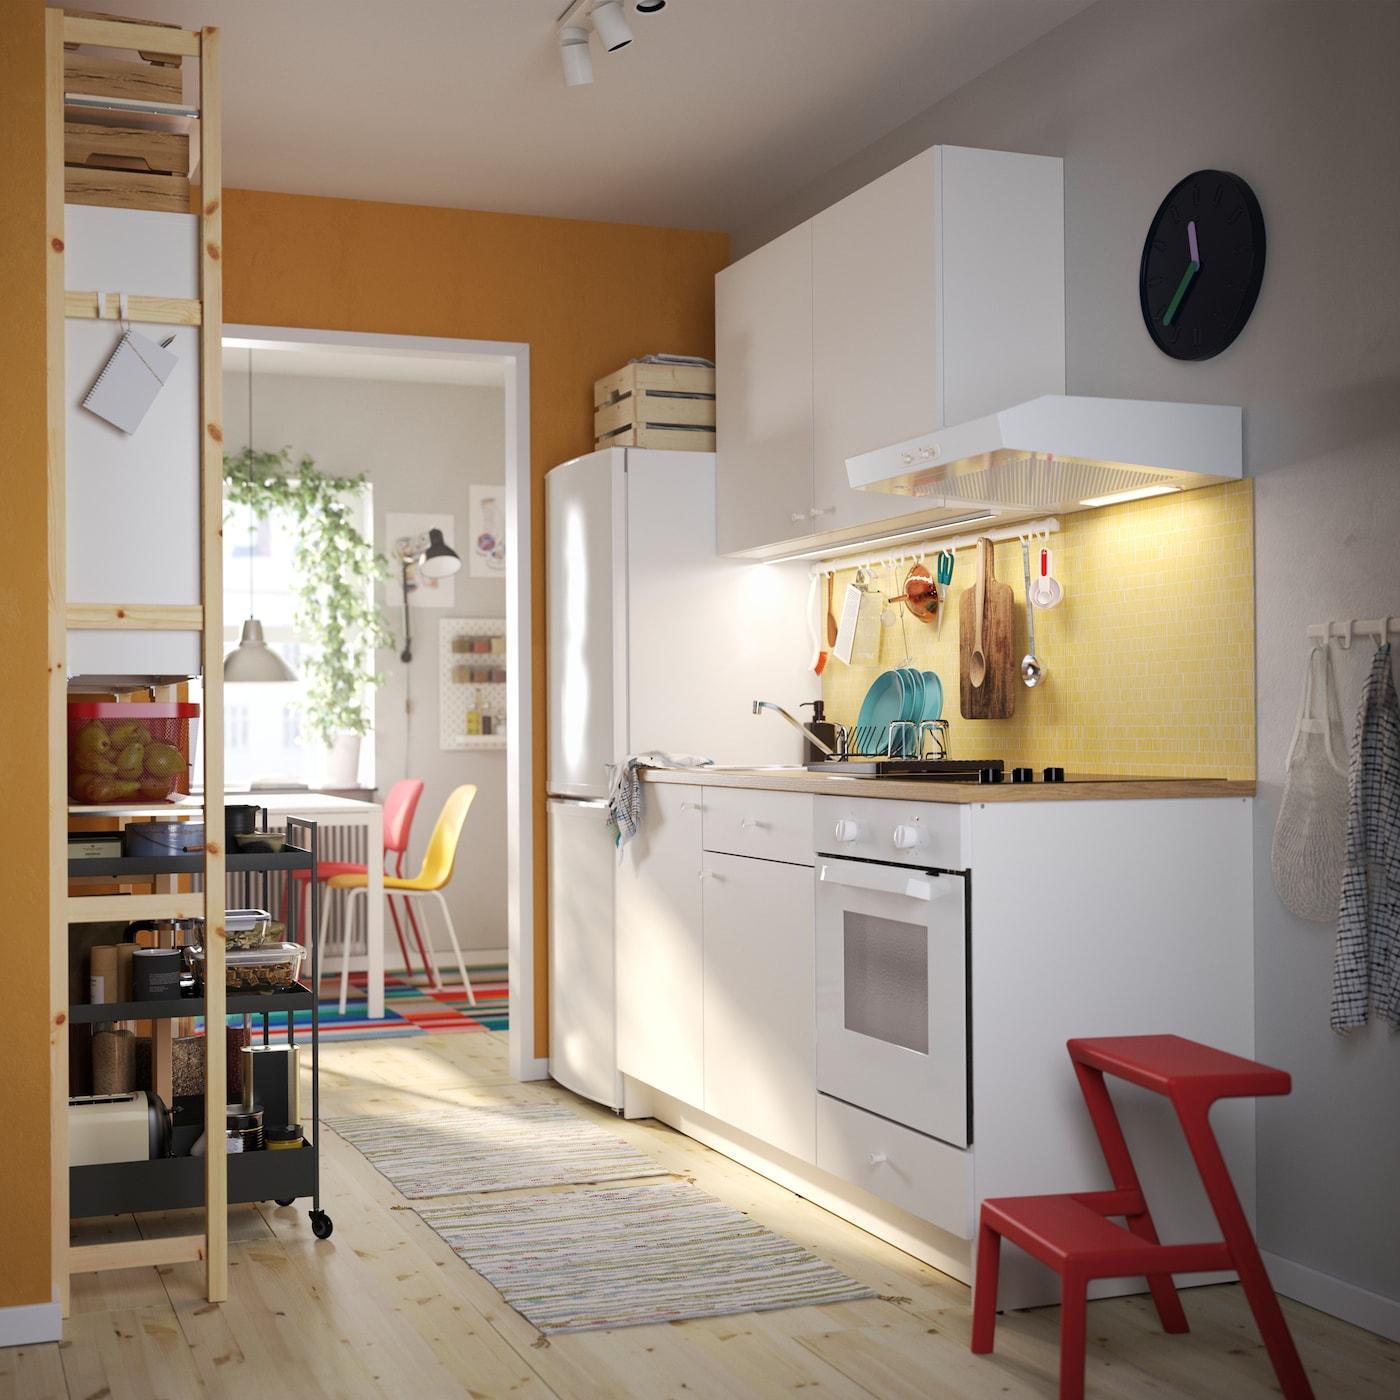 ispirare dalle Lasciati nostre IKEA cucine UzMVqSGp